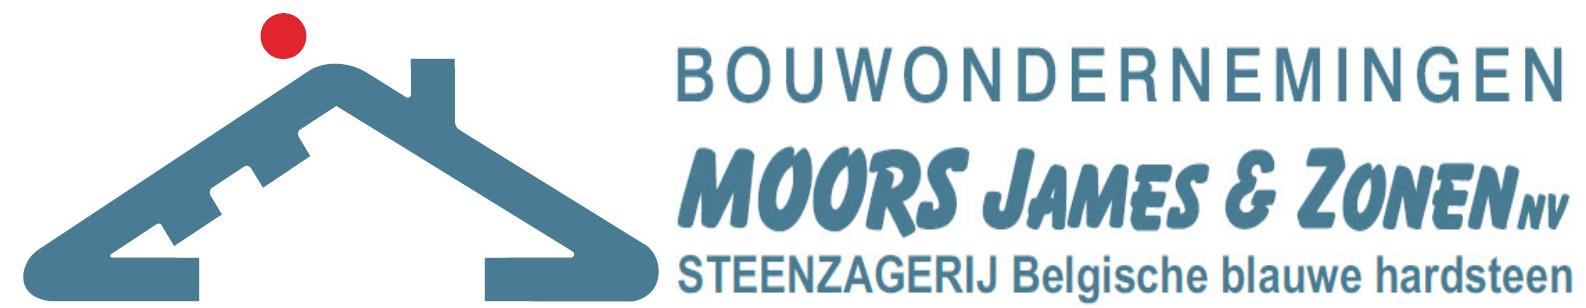 Bouwonderneming Moors